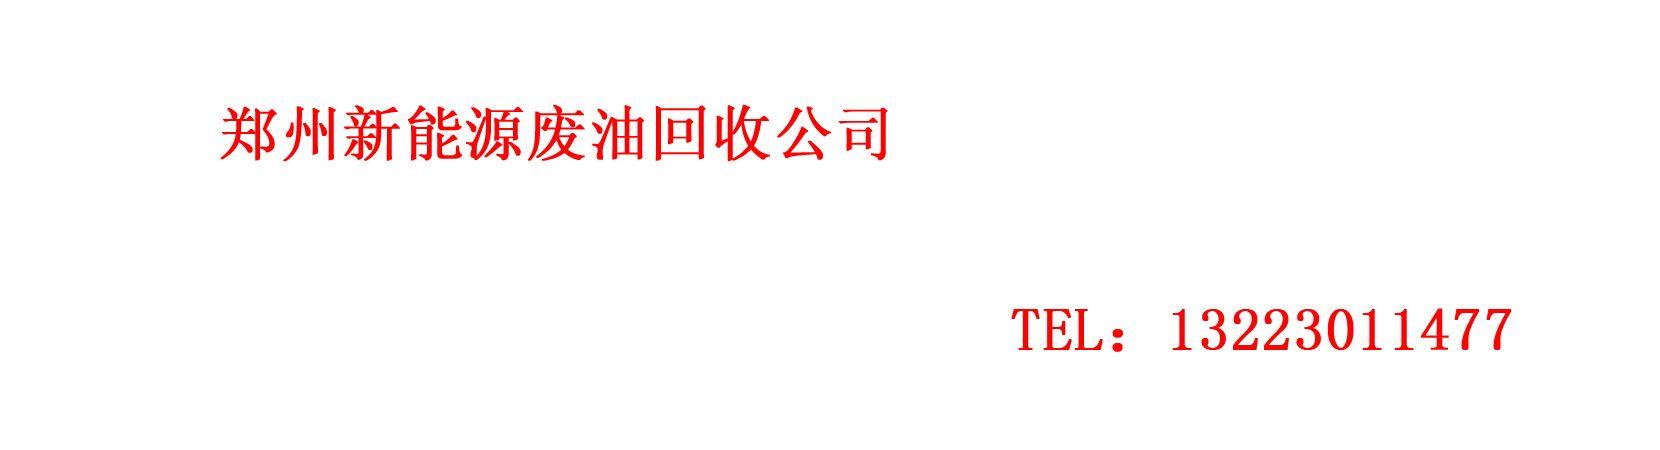 郑州新能源废油回收部